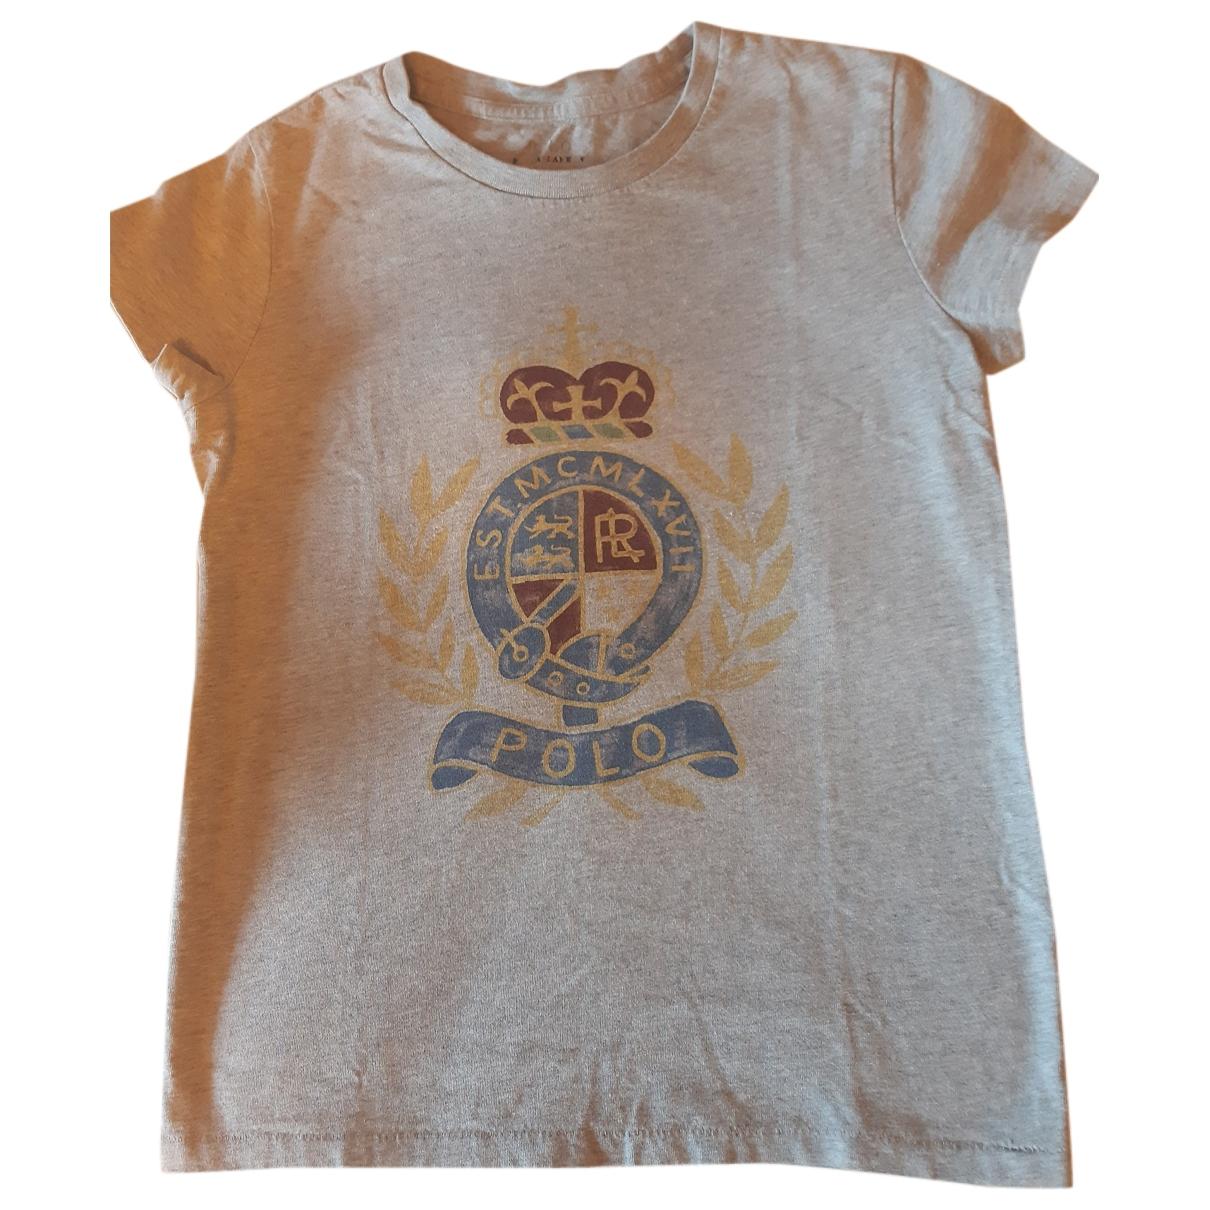 Polo Ralph Lauren \N Grey Cotton  top for Women 10 UK